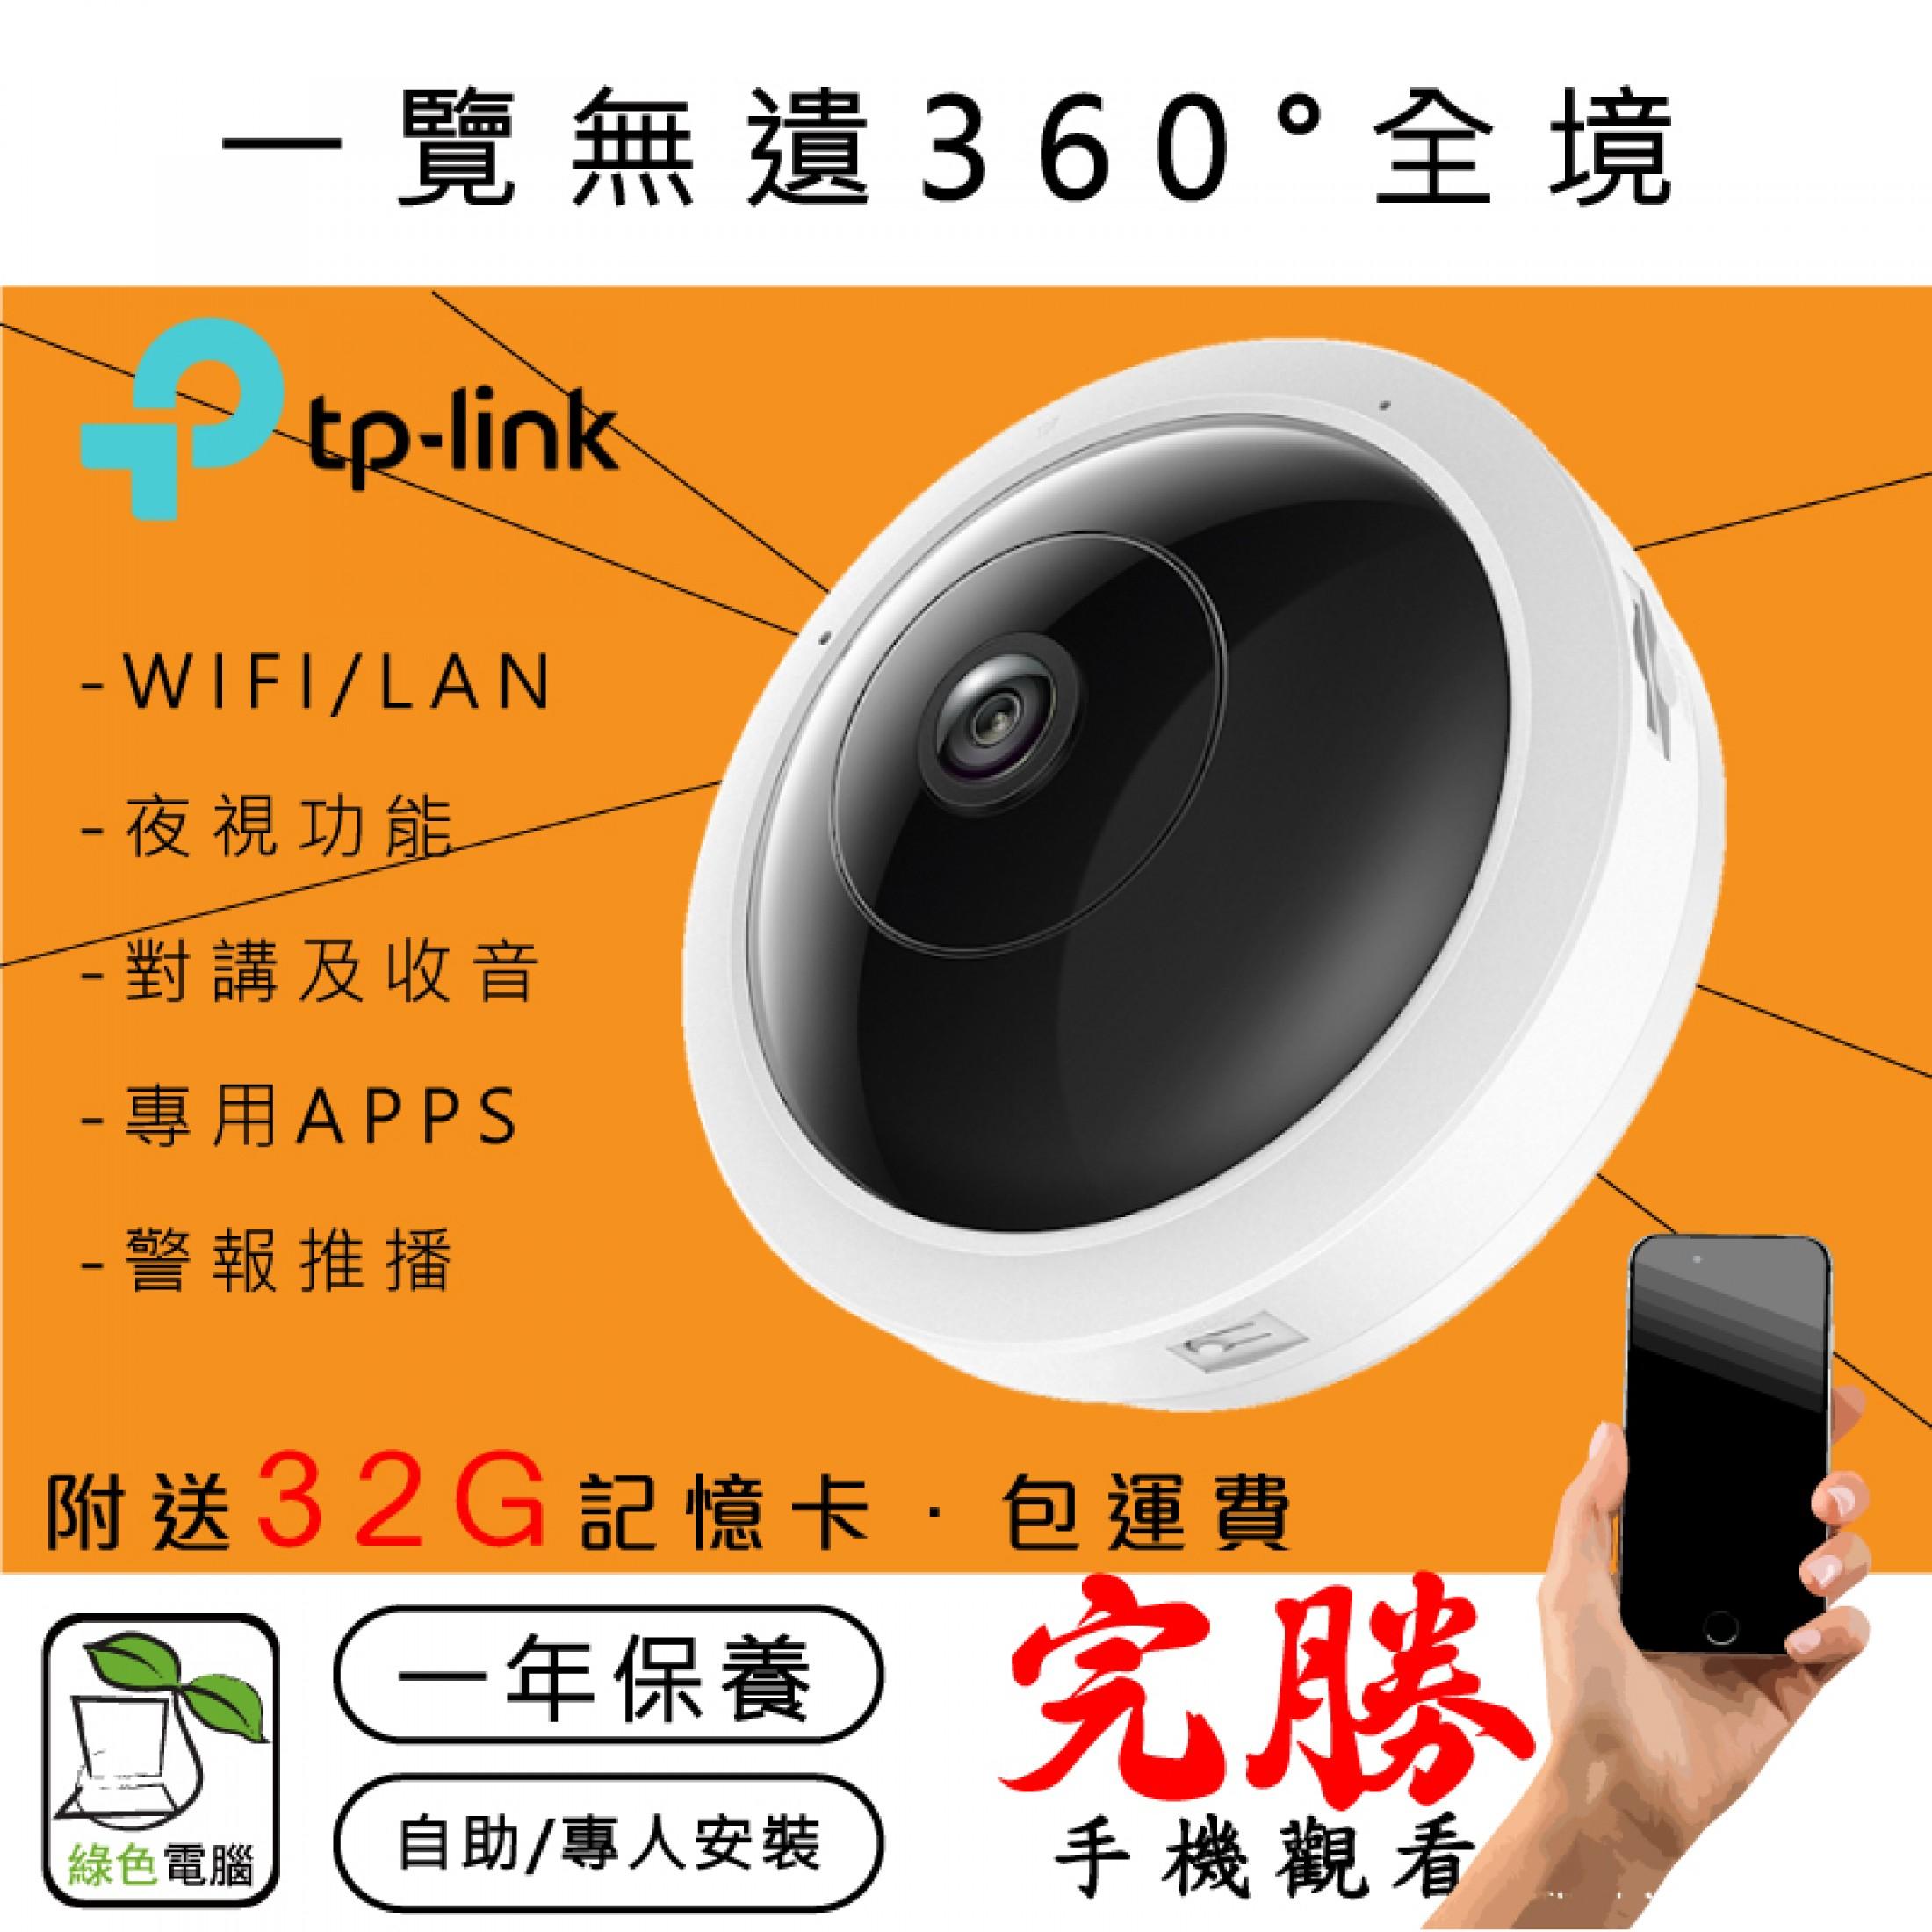 一頂四 - TP-Link TL-IPC55AE 500萬像素360°全境鏡頭